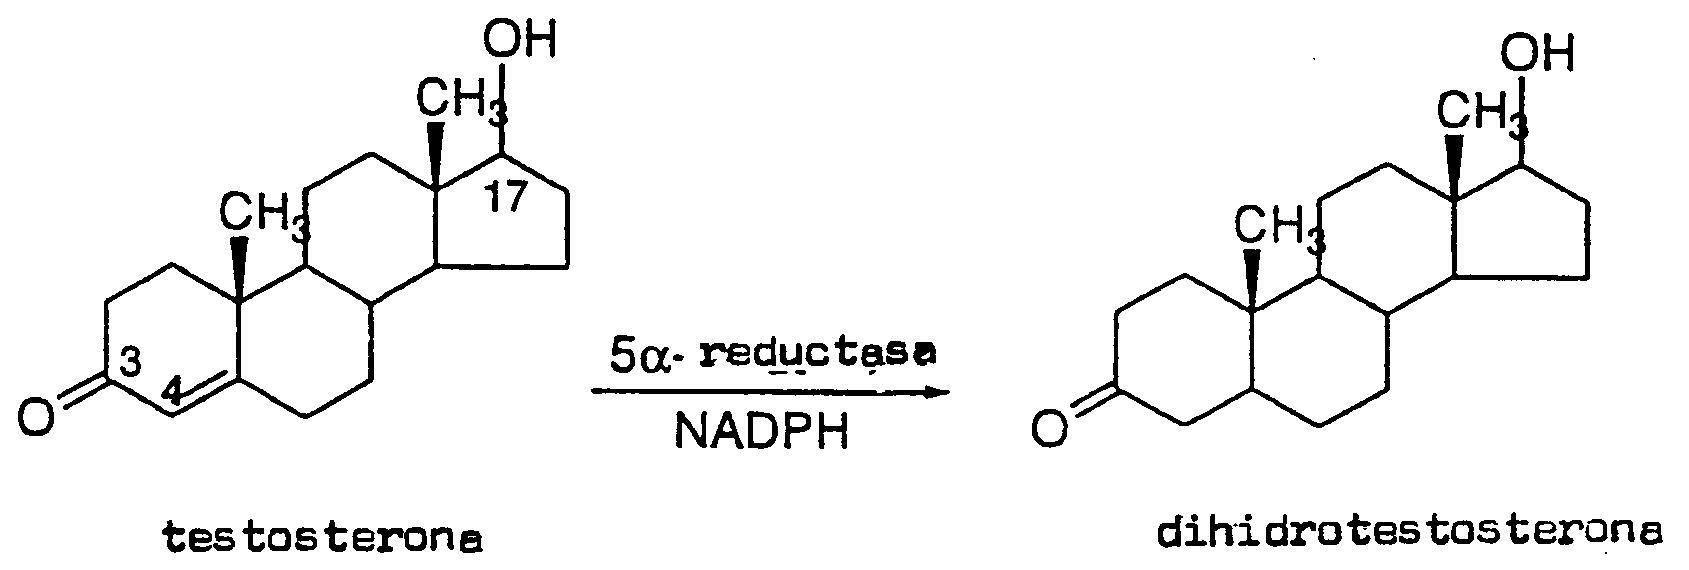 synthroid 25